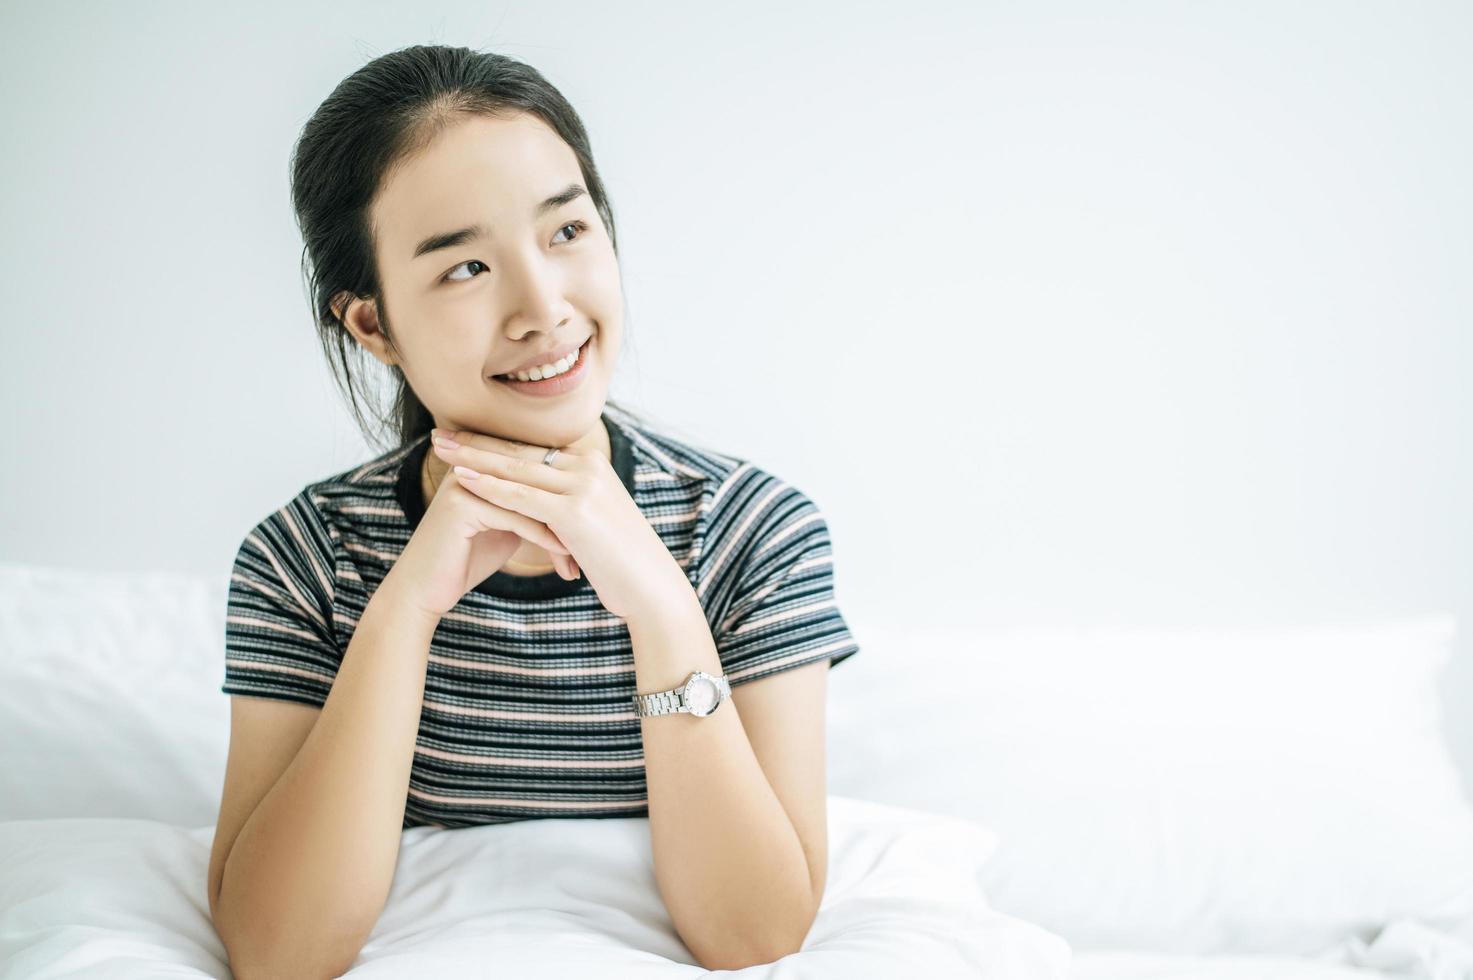 une femme est assise avec ses mains posées sous le menton et sourit photo